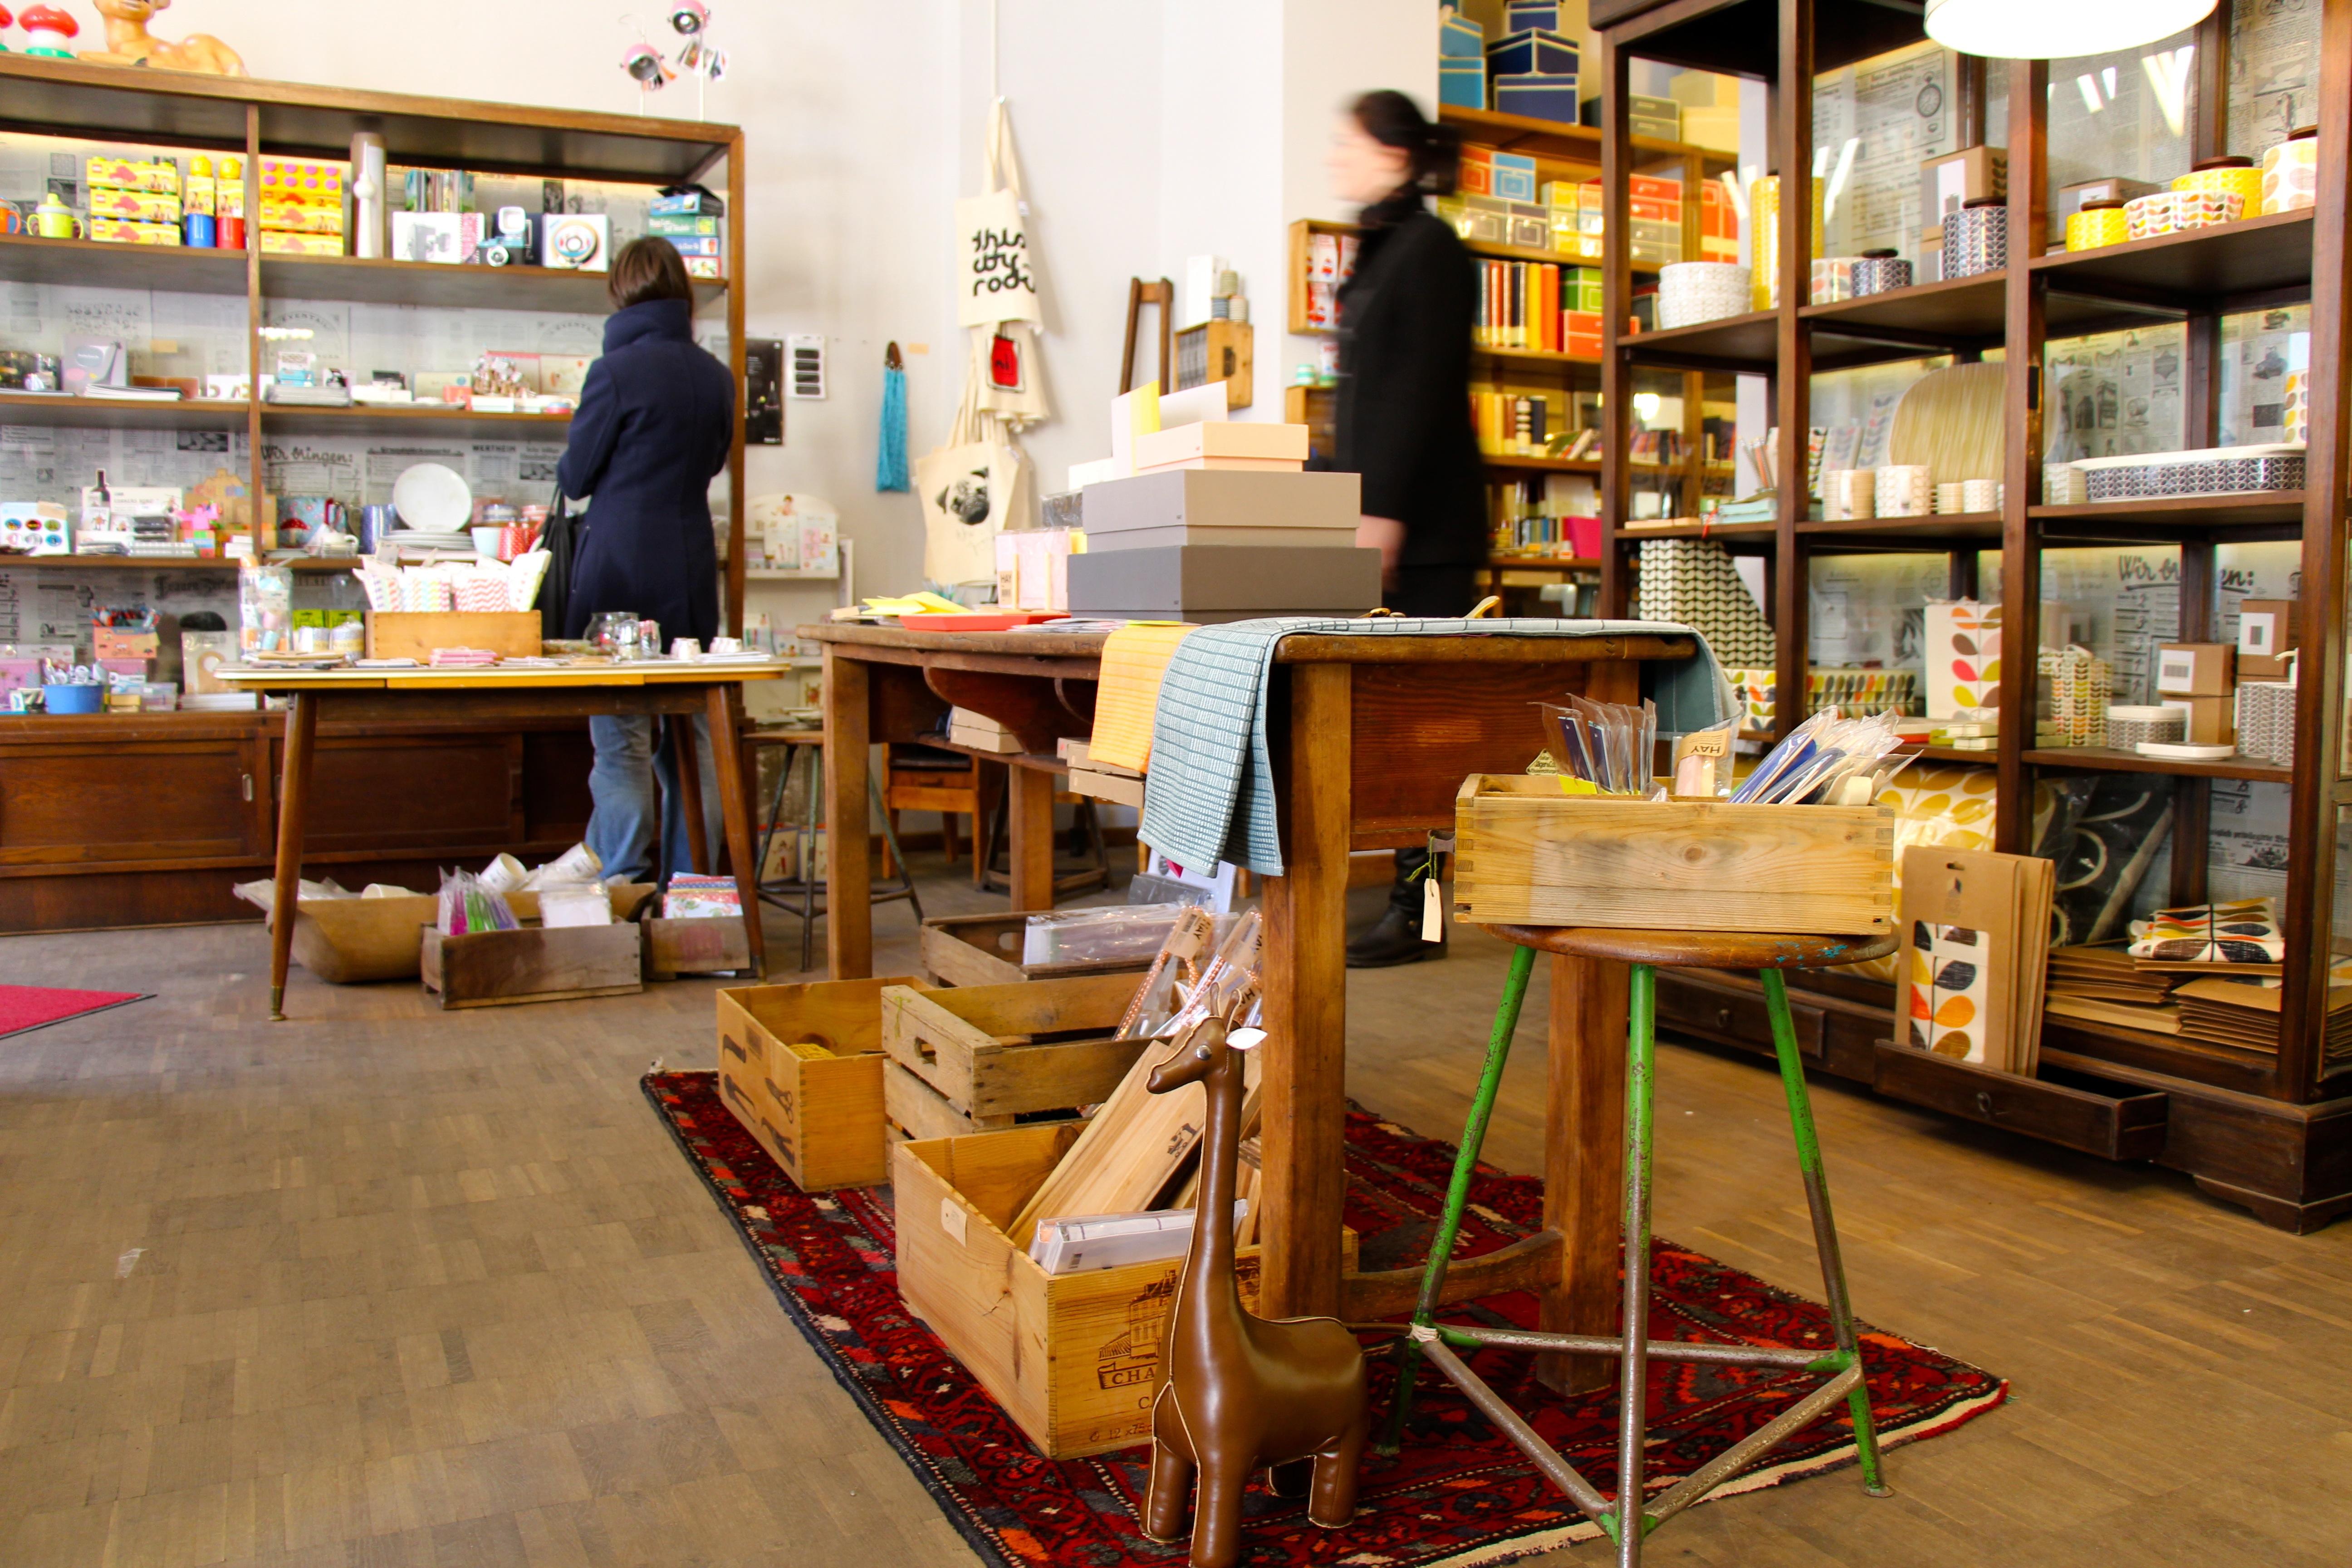 Schöner wohnen im schönen Friedrichshain: Shoppingtipps für Wohndesign-Liebhaber